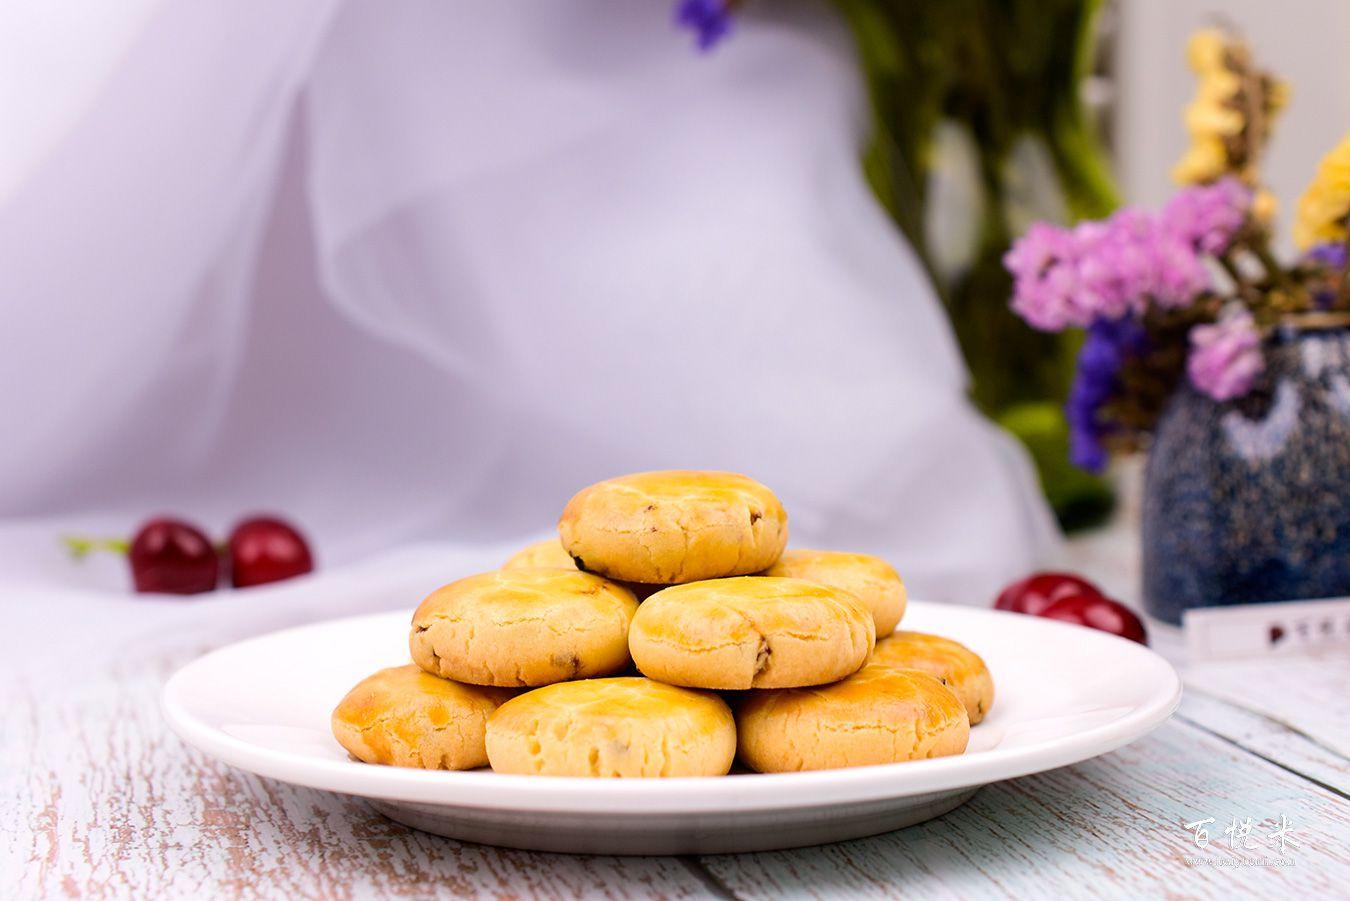 提子松饼饼干高清图片大全【蛋糕图片】_645